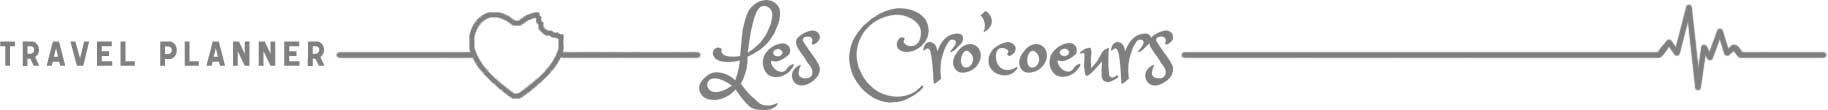 Signature bas de page article de blog - Les Cro'coeurs Travel Planner et Blog Voyage